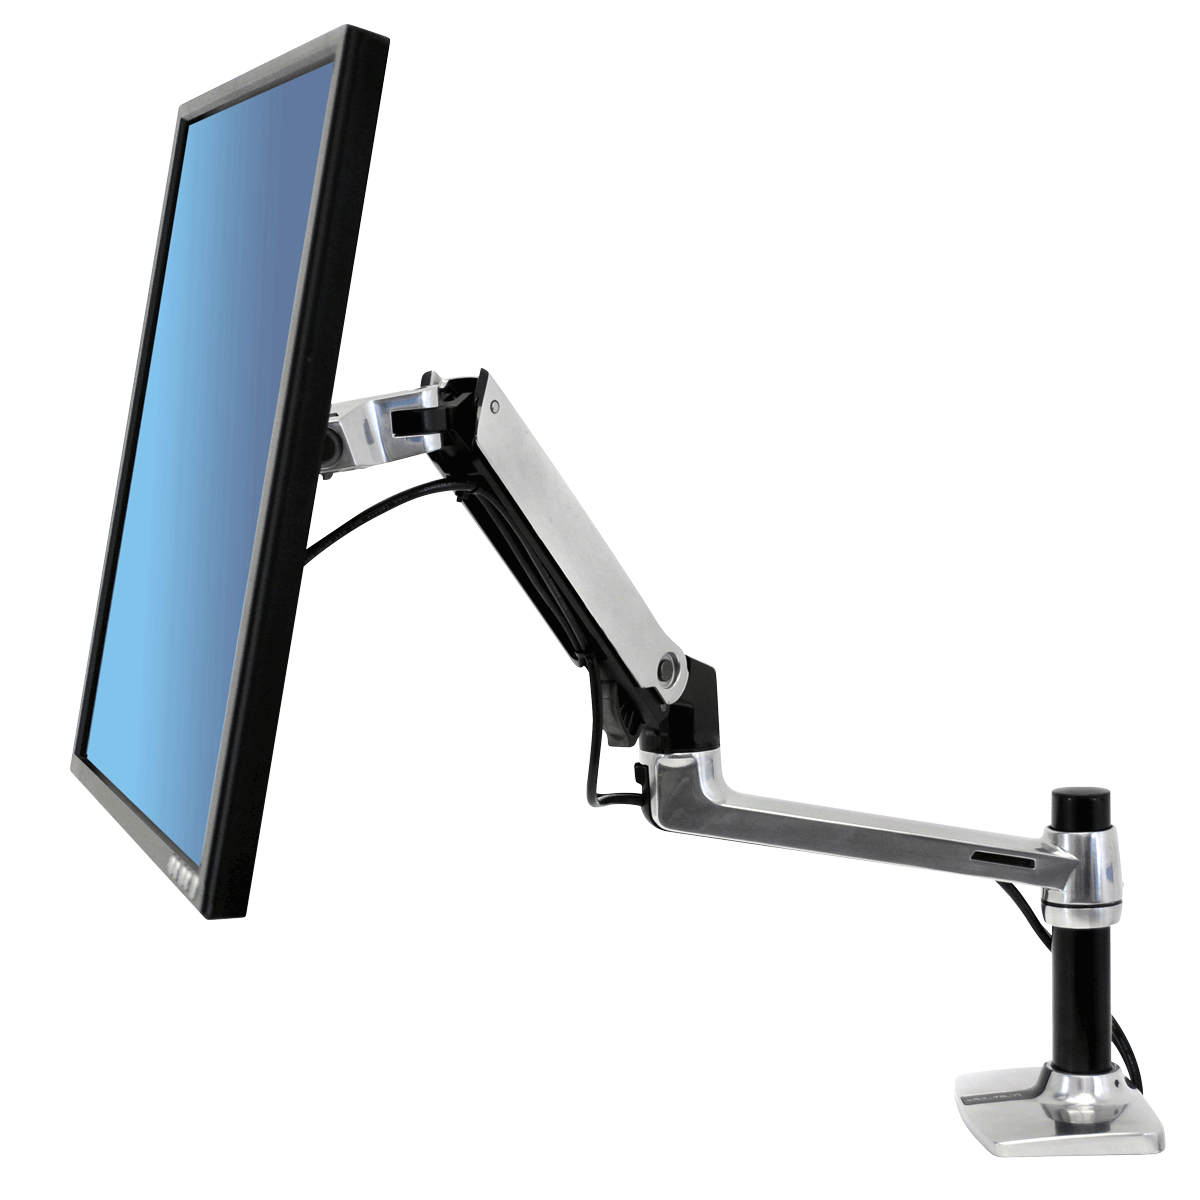 Ergotron Dual Monitor Arm